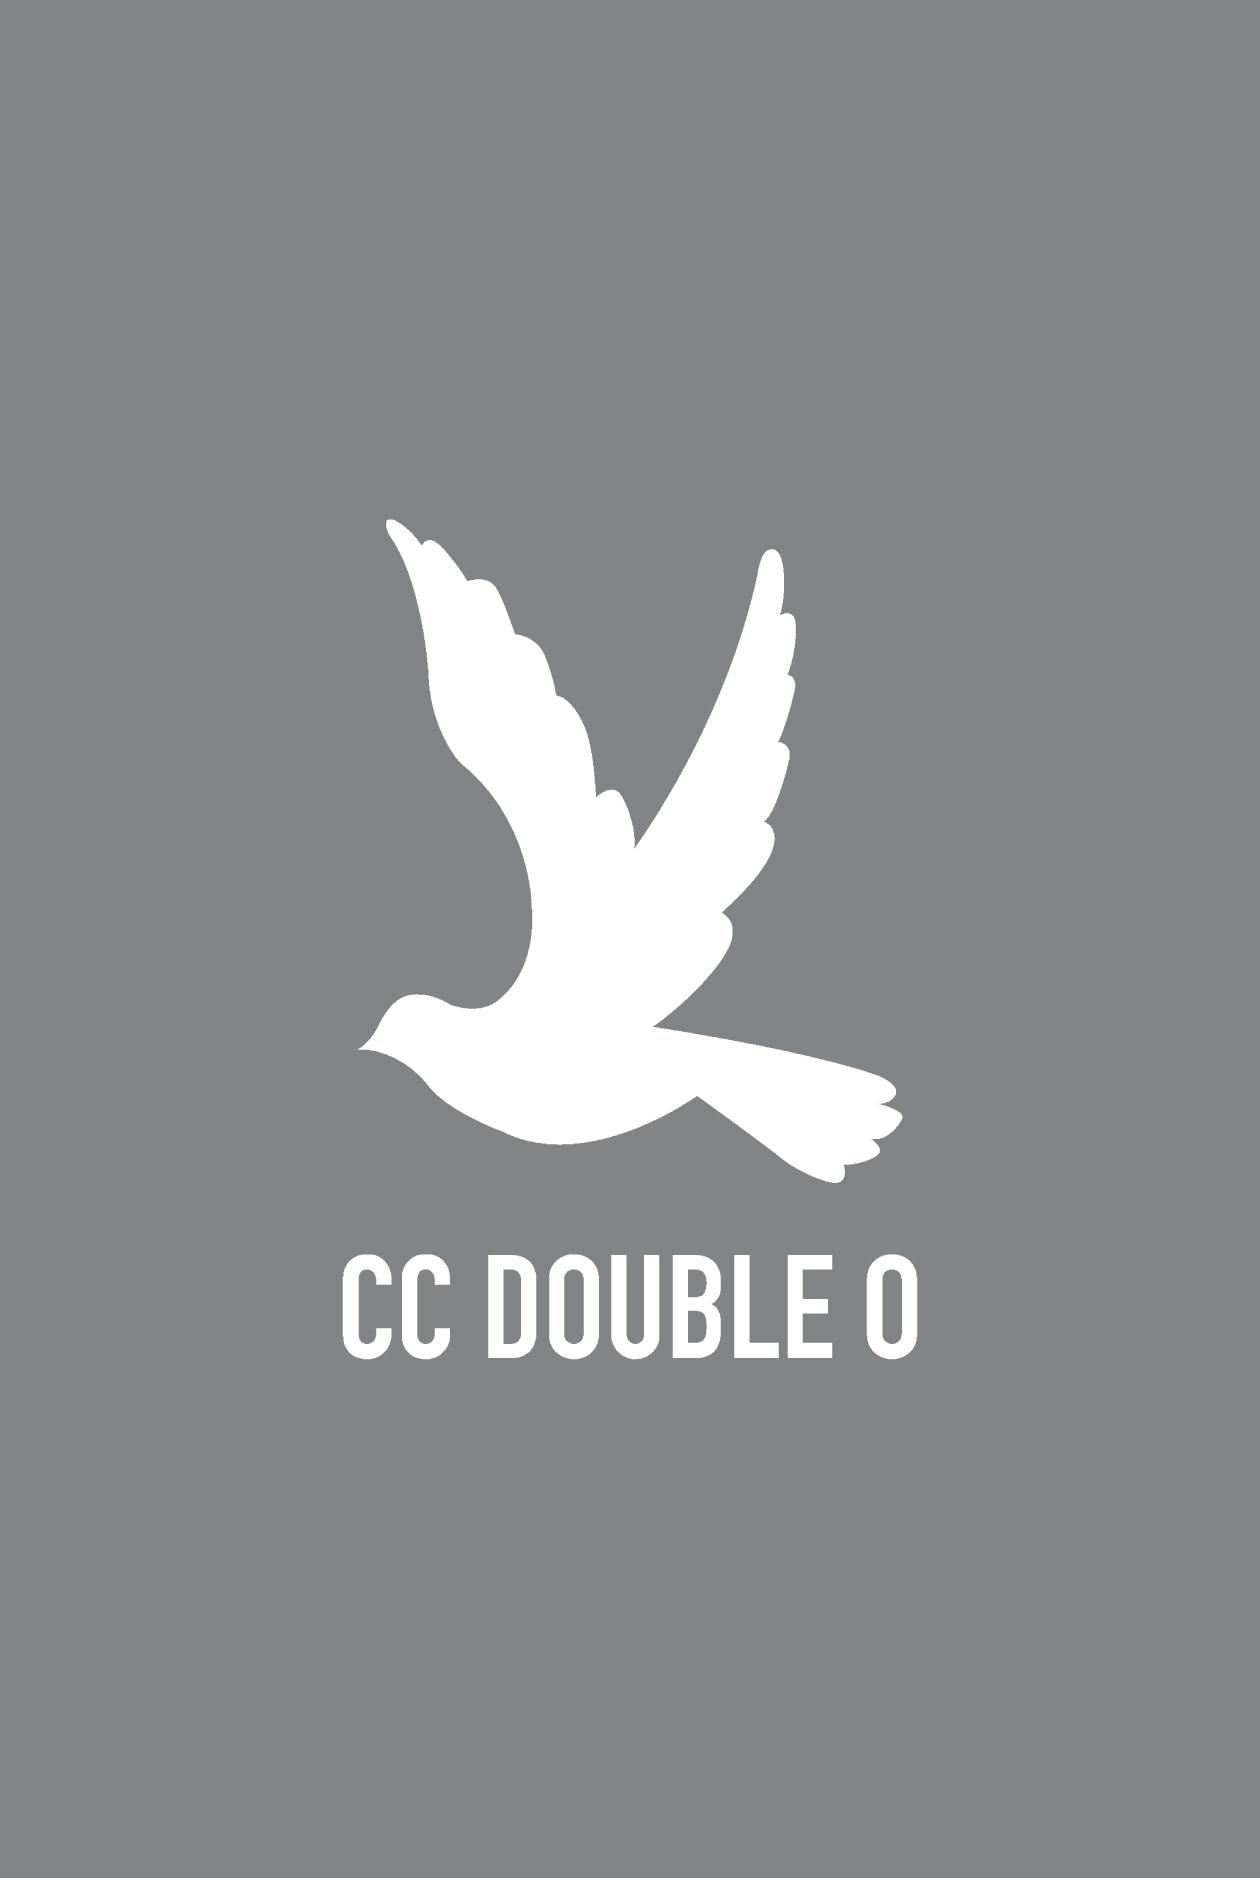 เคสมือถือหนังเทียม CC DOUBLE O สำหรับไอโฟน 7 และ 8 Plus